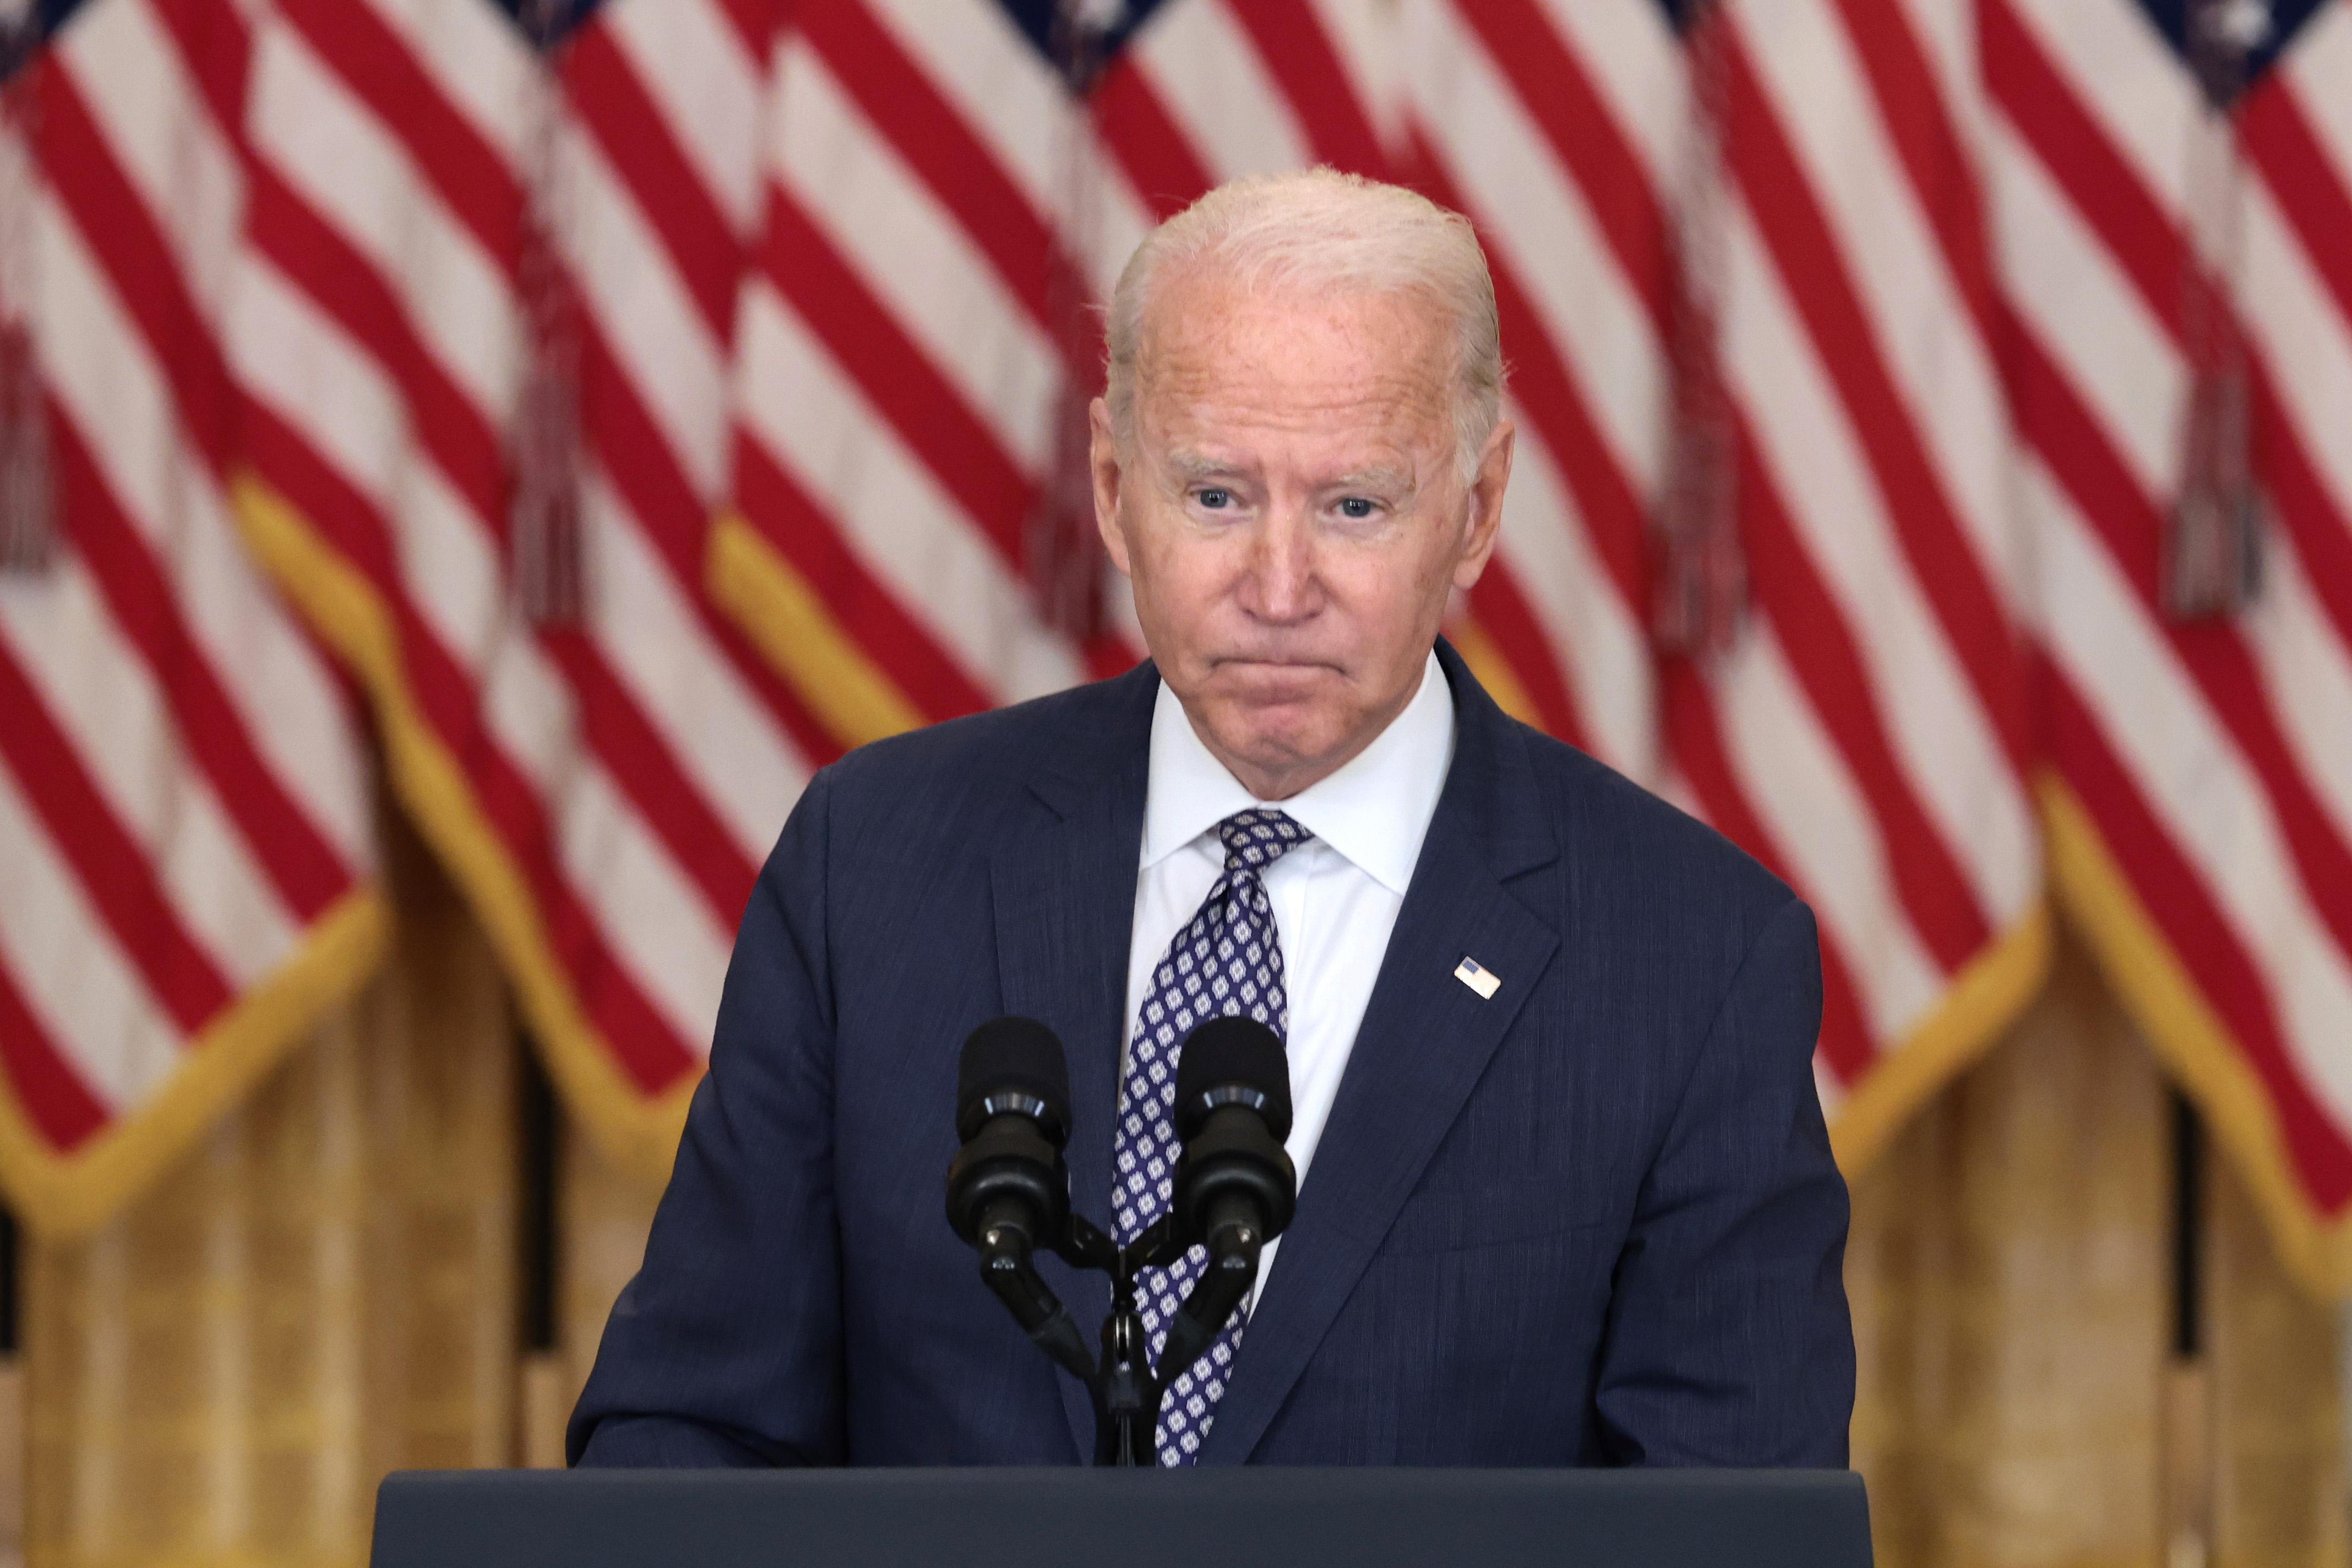 Raportul primit de Joe Biden de la serviciile secrete despre originile coronavirusului este neconcludent. Părţi din raport ar putea fi declasificate